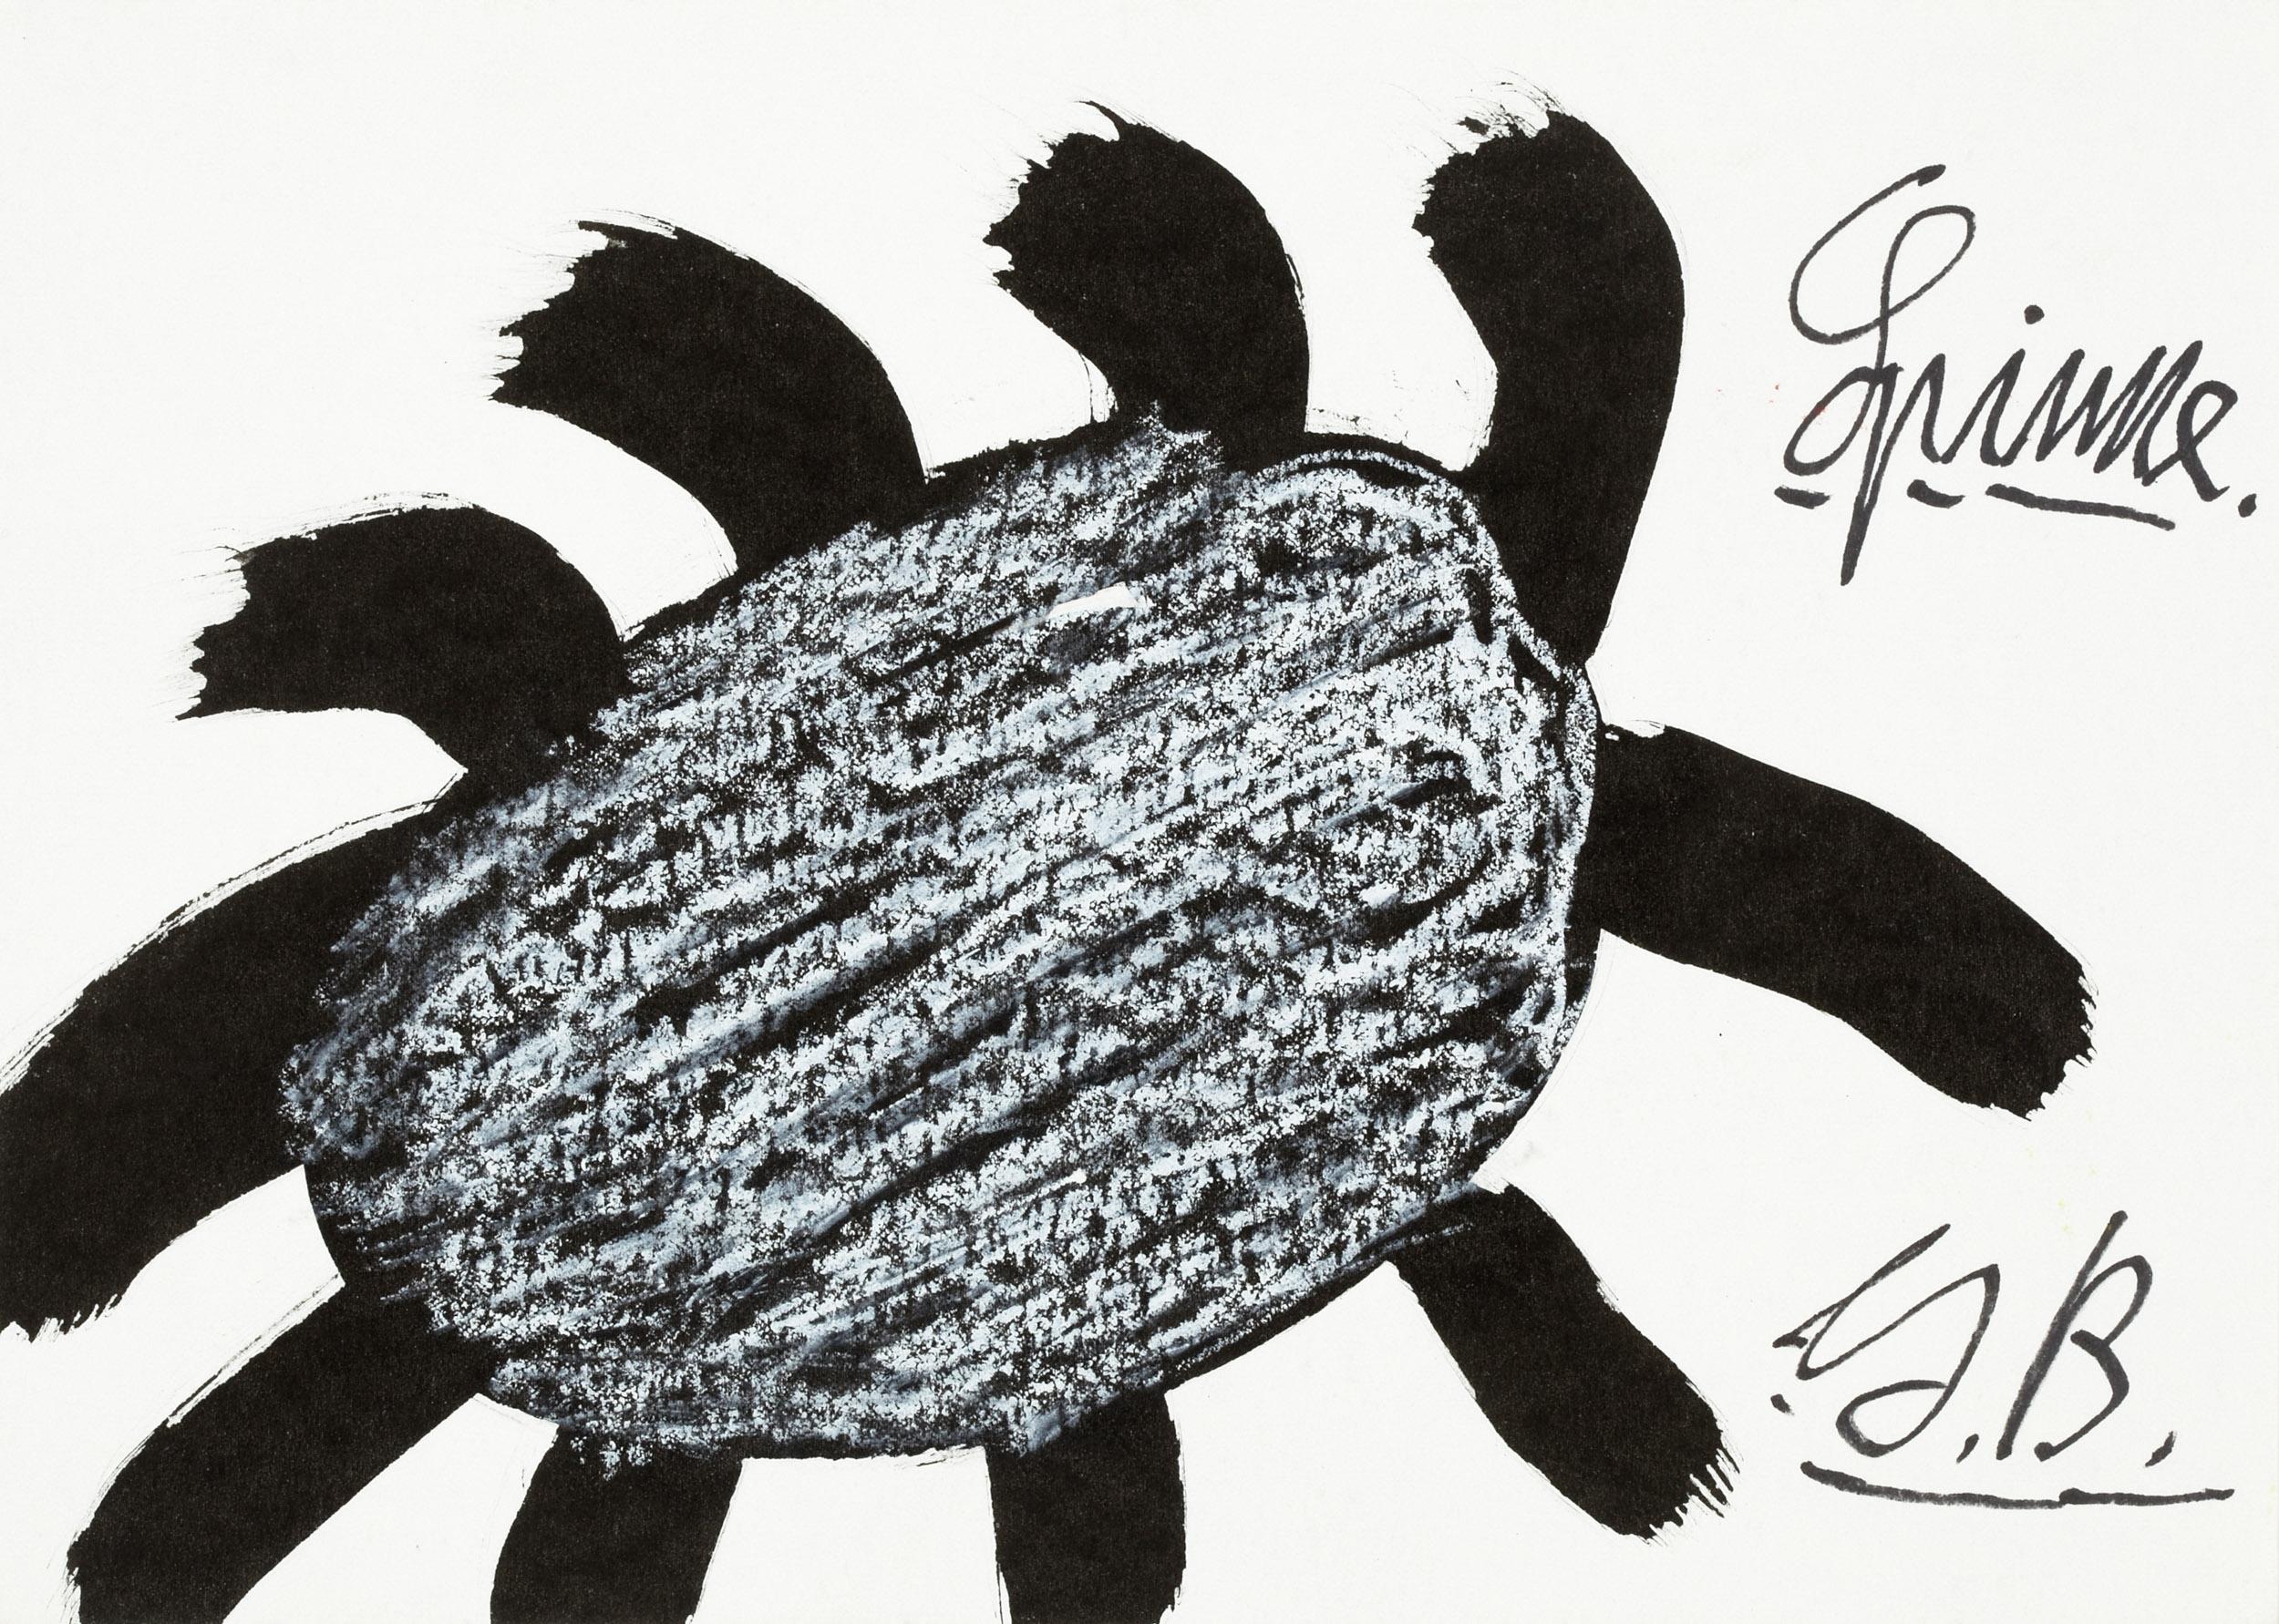 buchmann ida - Spinne / Spider